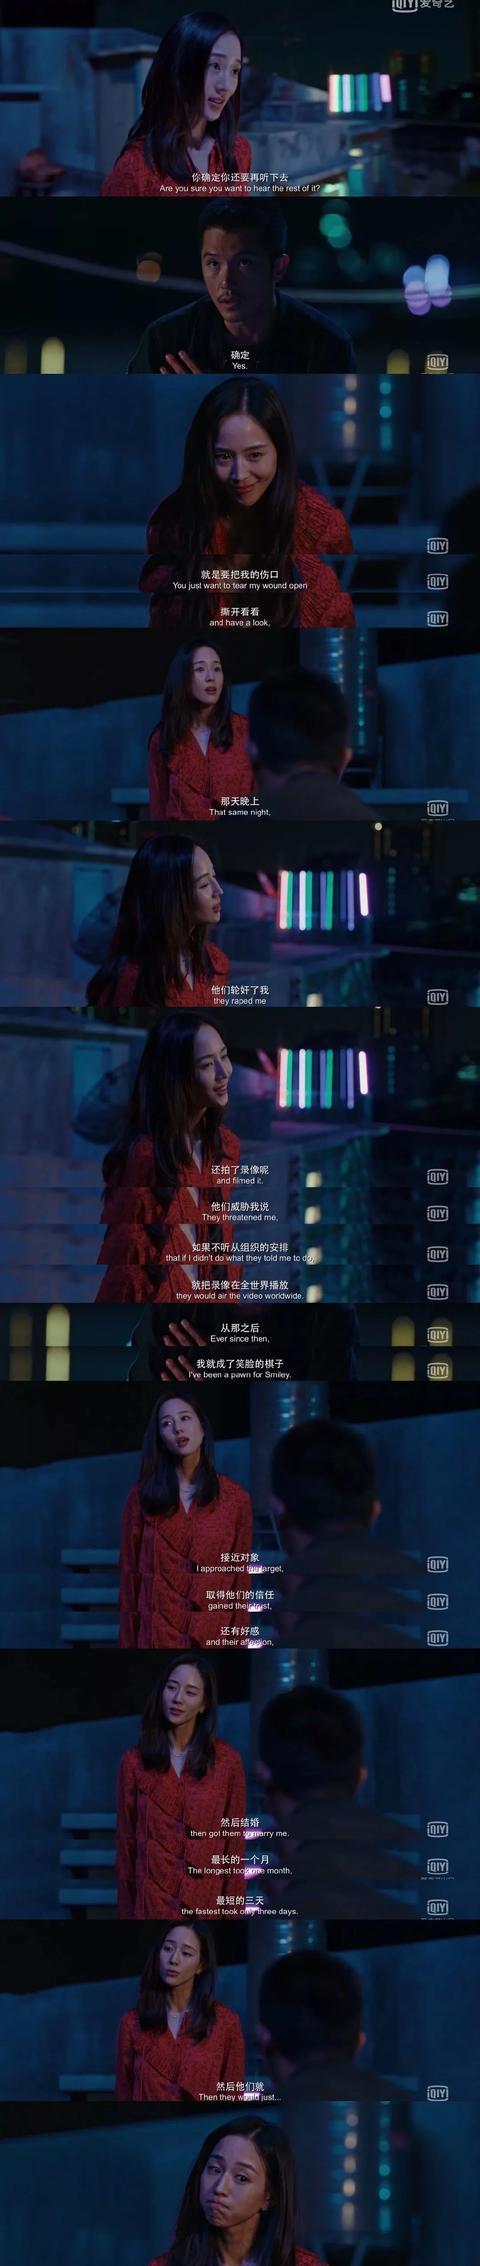 孙红雷对上陈思诚,谁才是2019开年剧王?